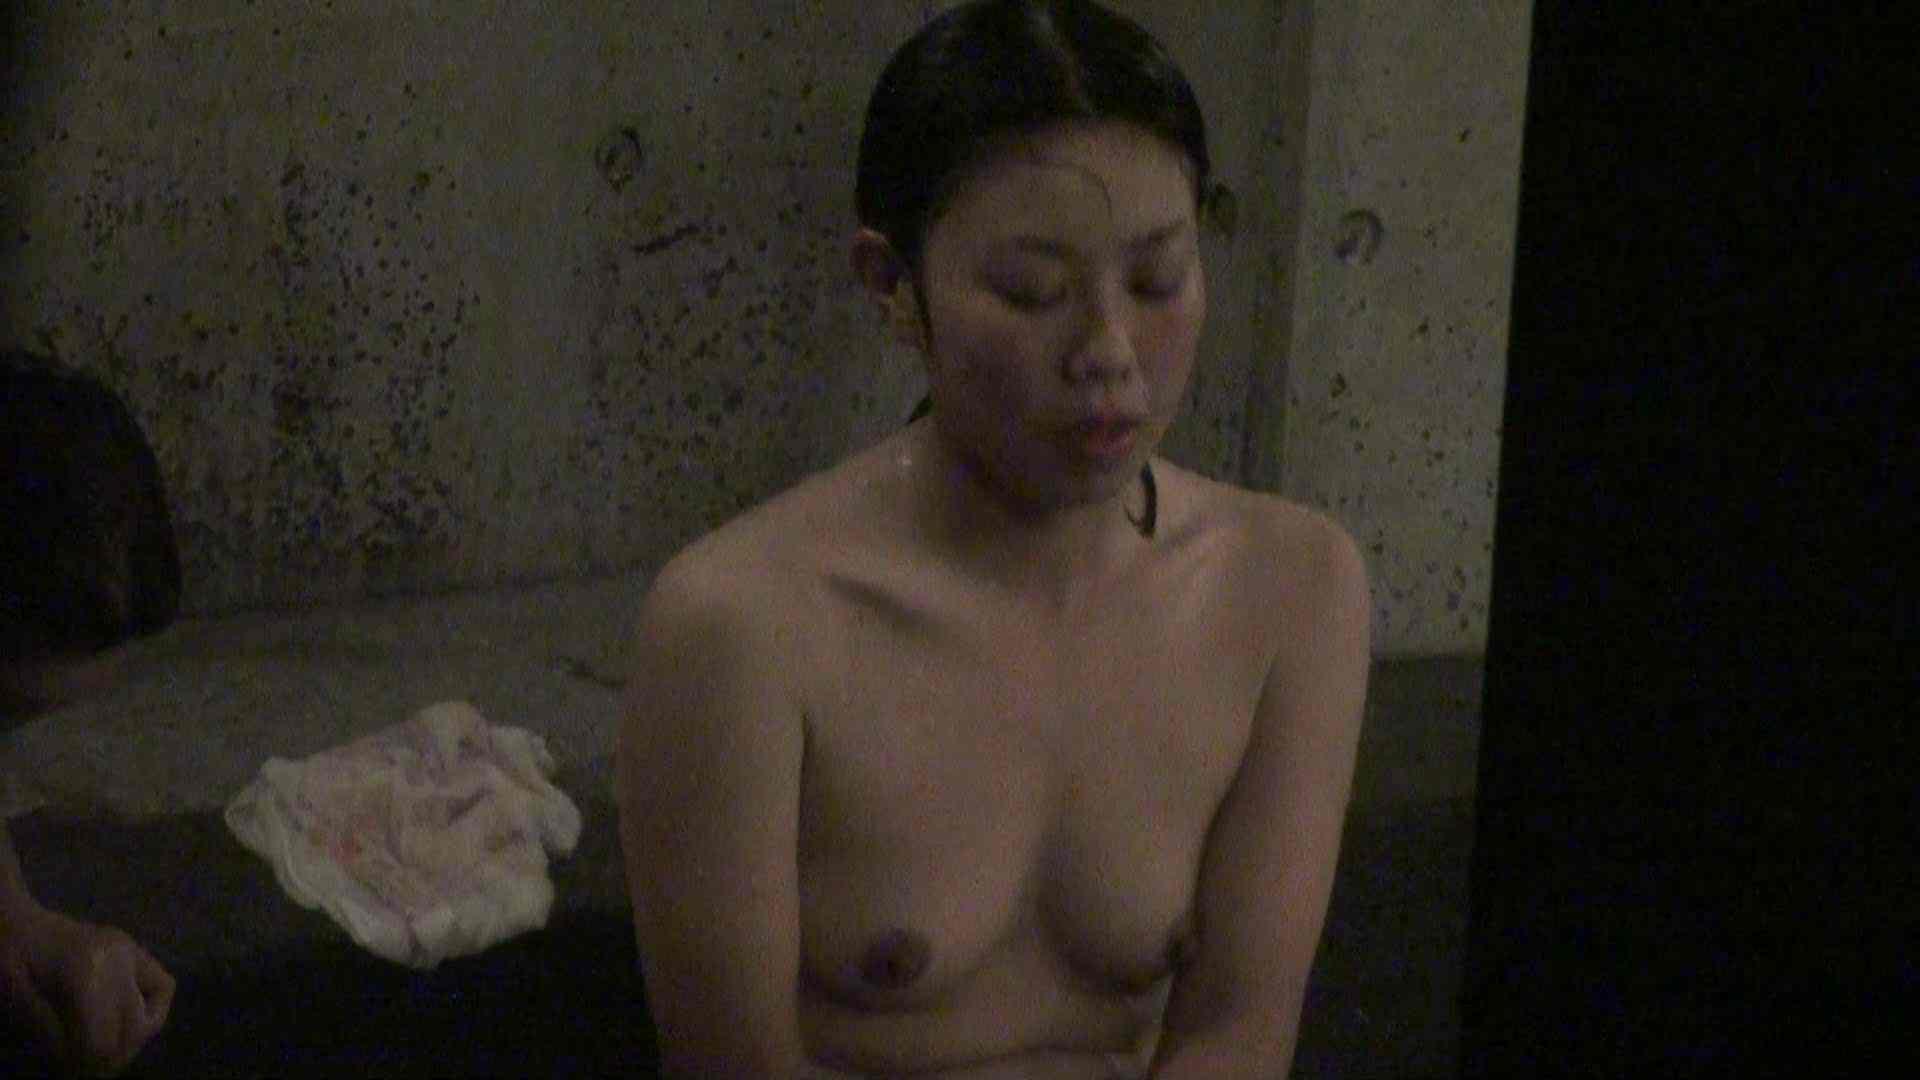 Aquaな露天風呂Vol.330 盗撮 | 露天  75PICs 13